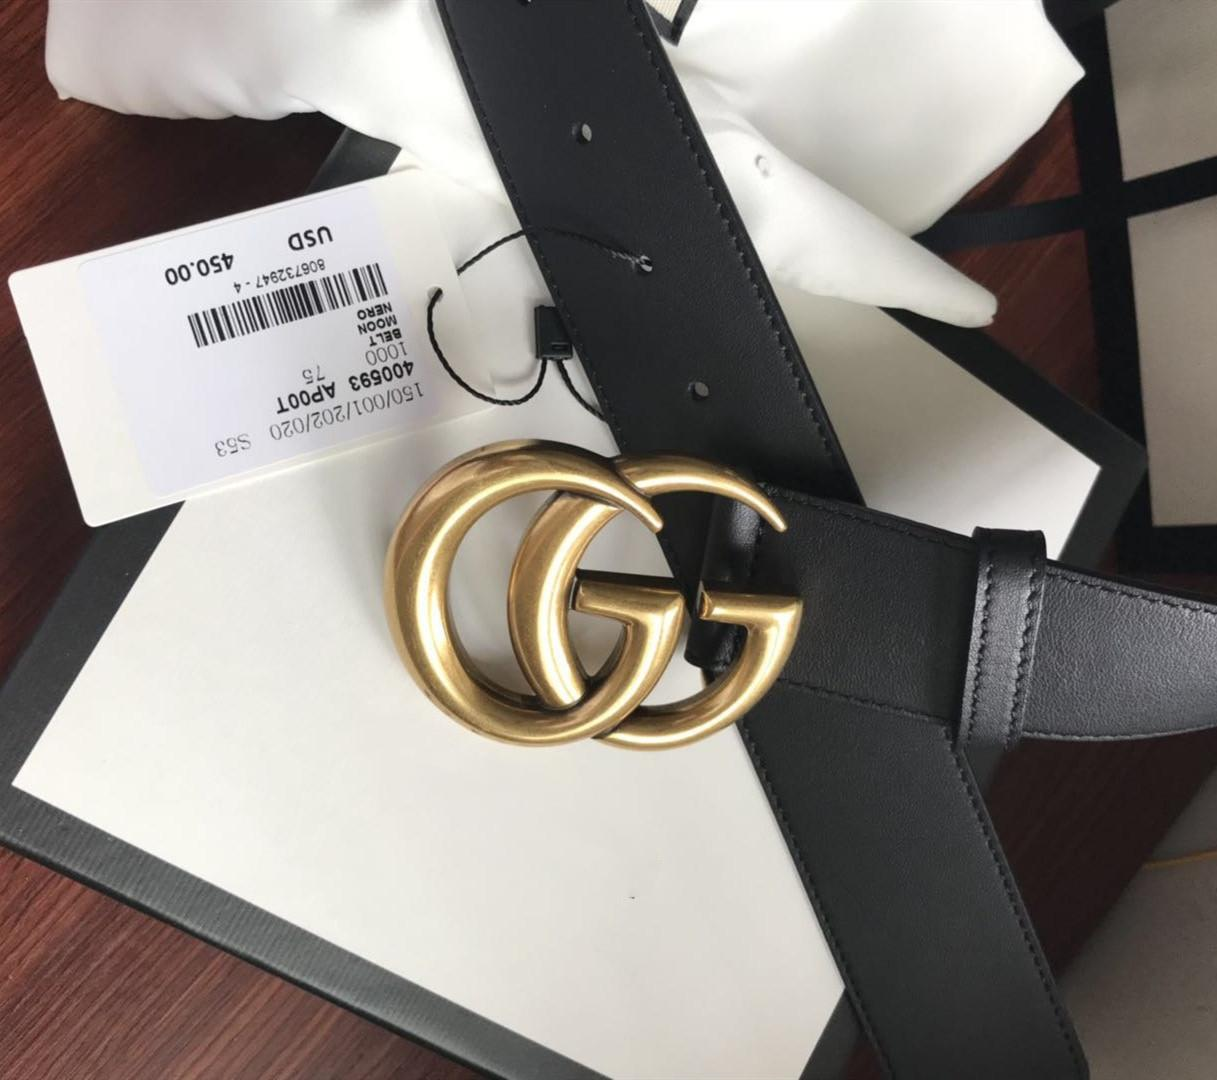 Hochwertig 4,0 cm Designer Gürtel Männer und Frauen Mode Gürtel Ledergürtel Gold Silber und Schwarz Buckle echtes Leder Gürtel Männer mit Kasten